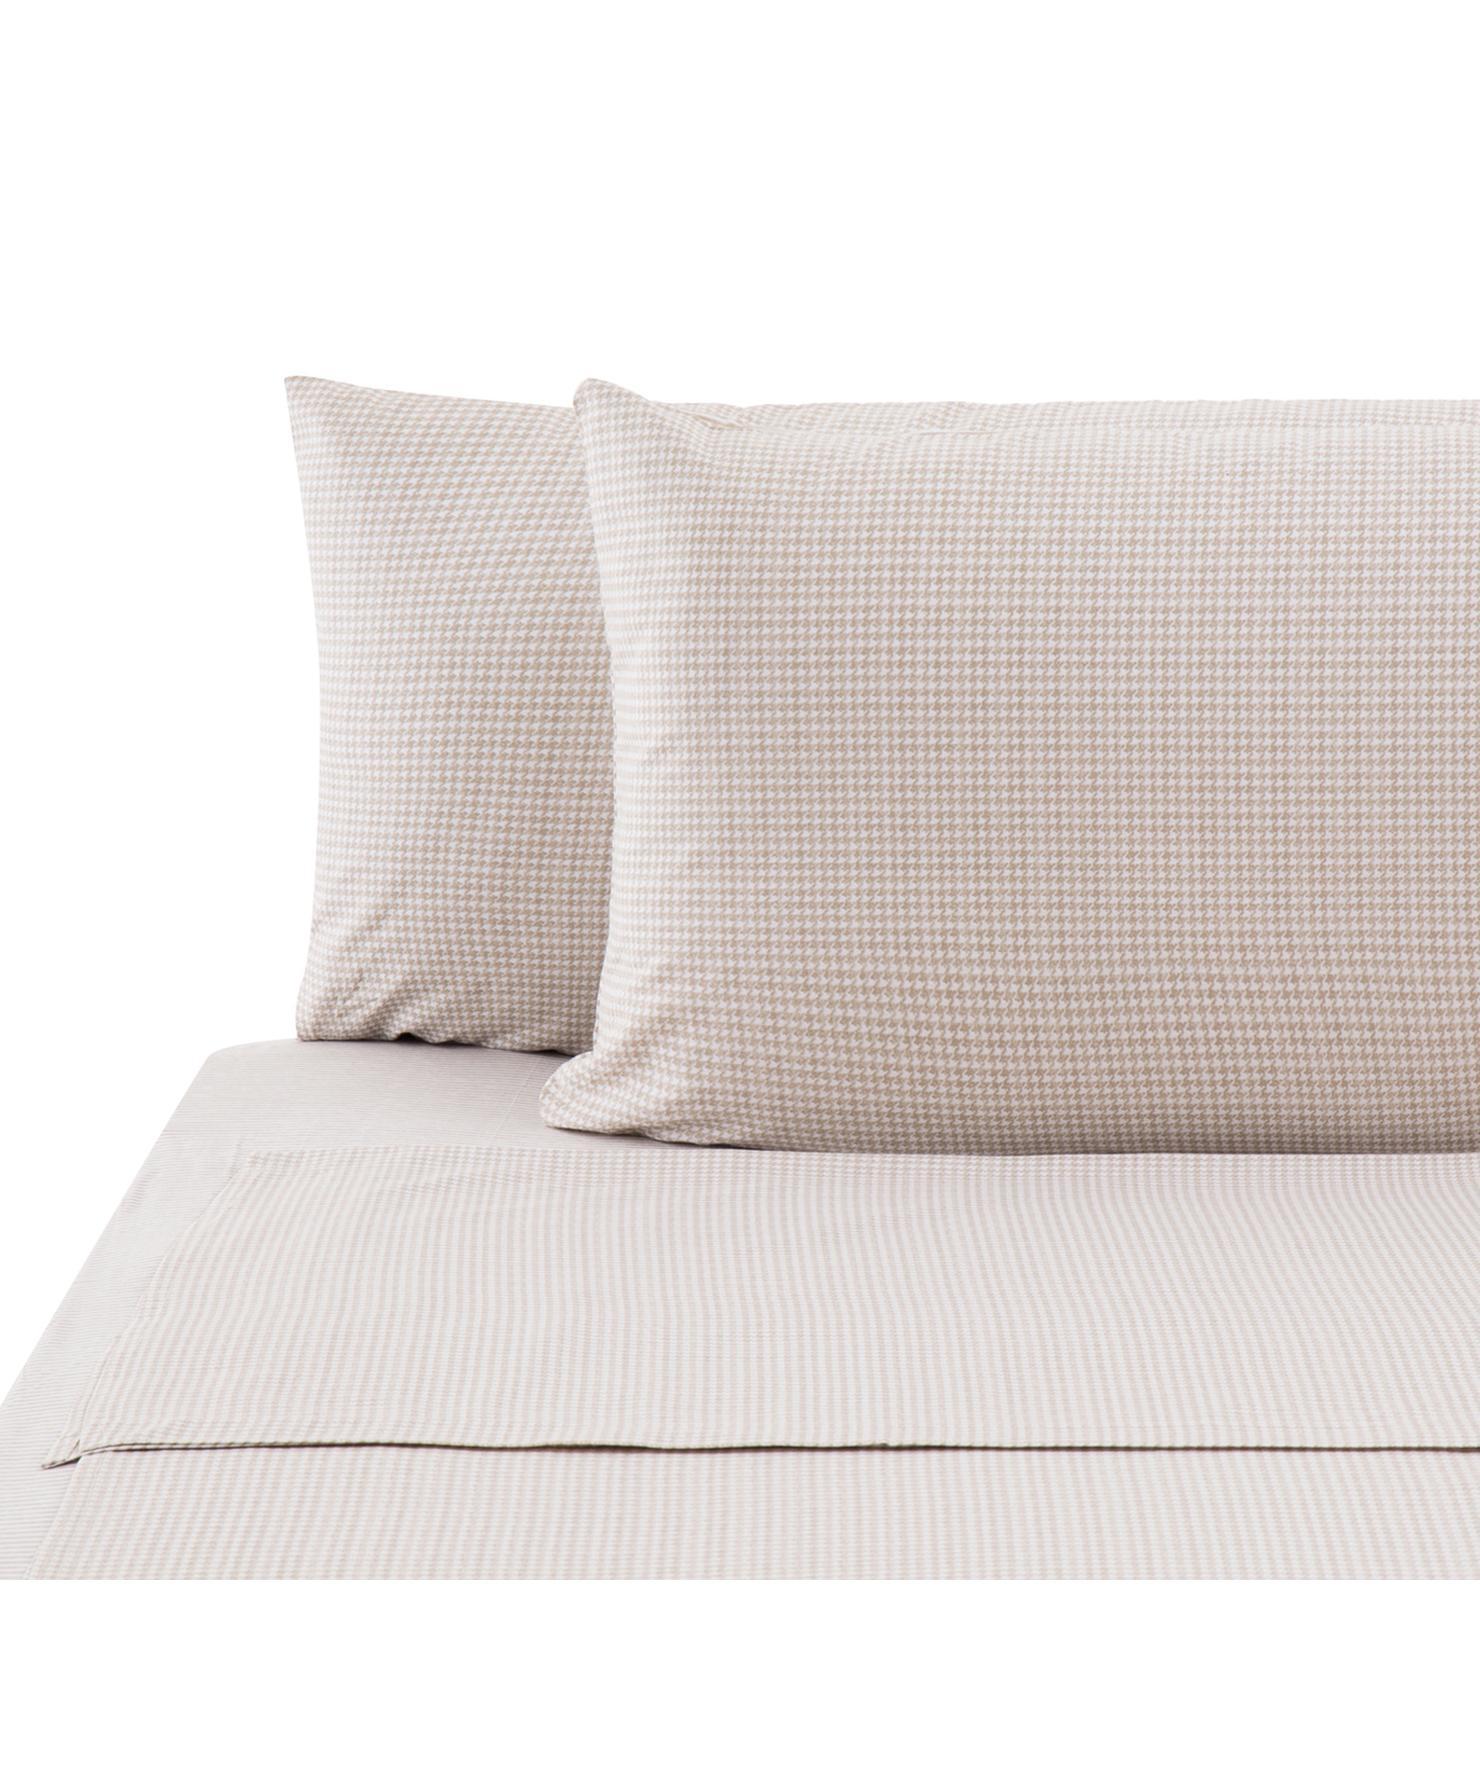 Set lenzuola in cotone ranforce Grady 4 pz, Tessuto: Renforcé, Beige, bianco, 290 x 240 cm